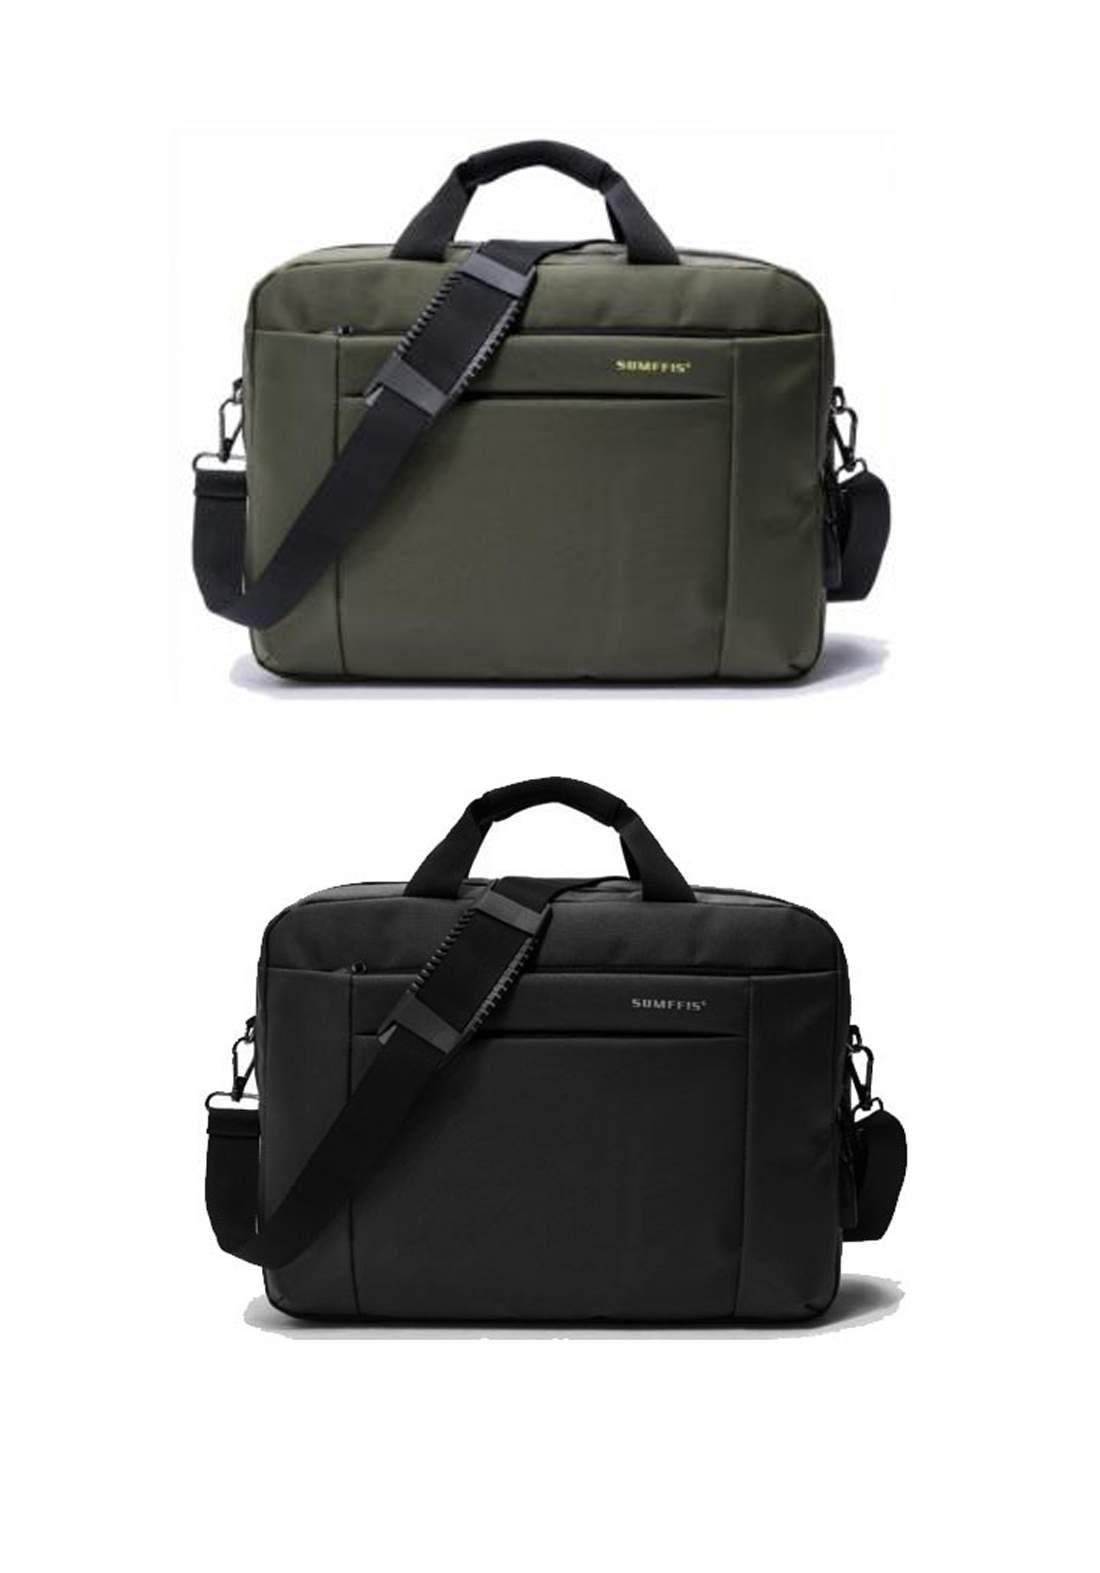 Sumffis 9160 Waterproof Laptop Bag حقيبة لابتوب